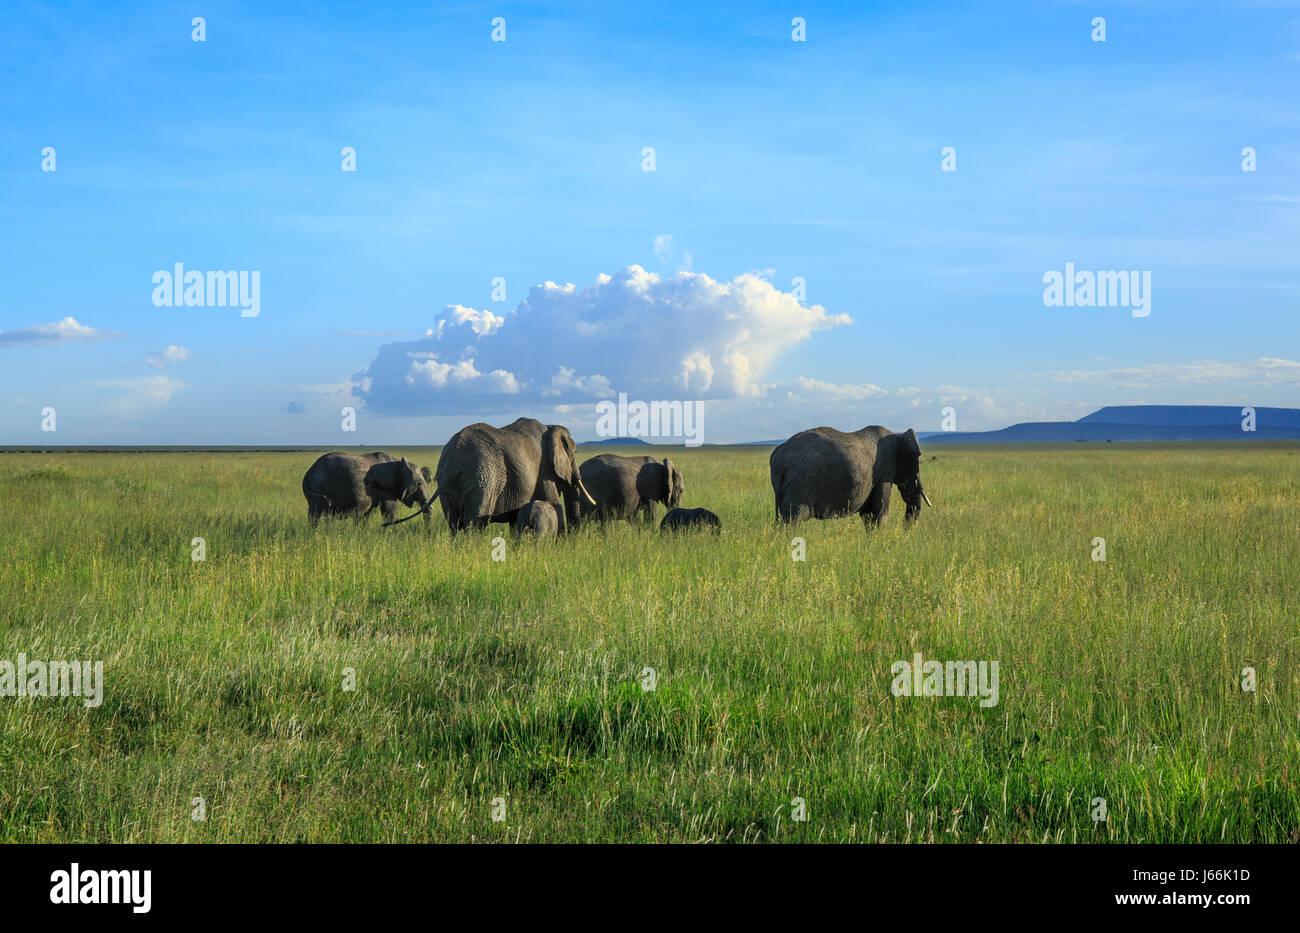 Un elefante africano matriarca conduce su rebaño en la Sabana en busca de alimento o agua en un clásico Imagen De Stock